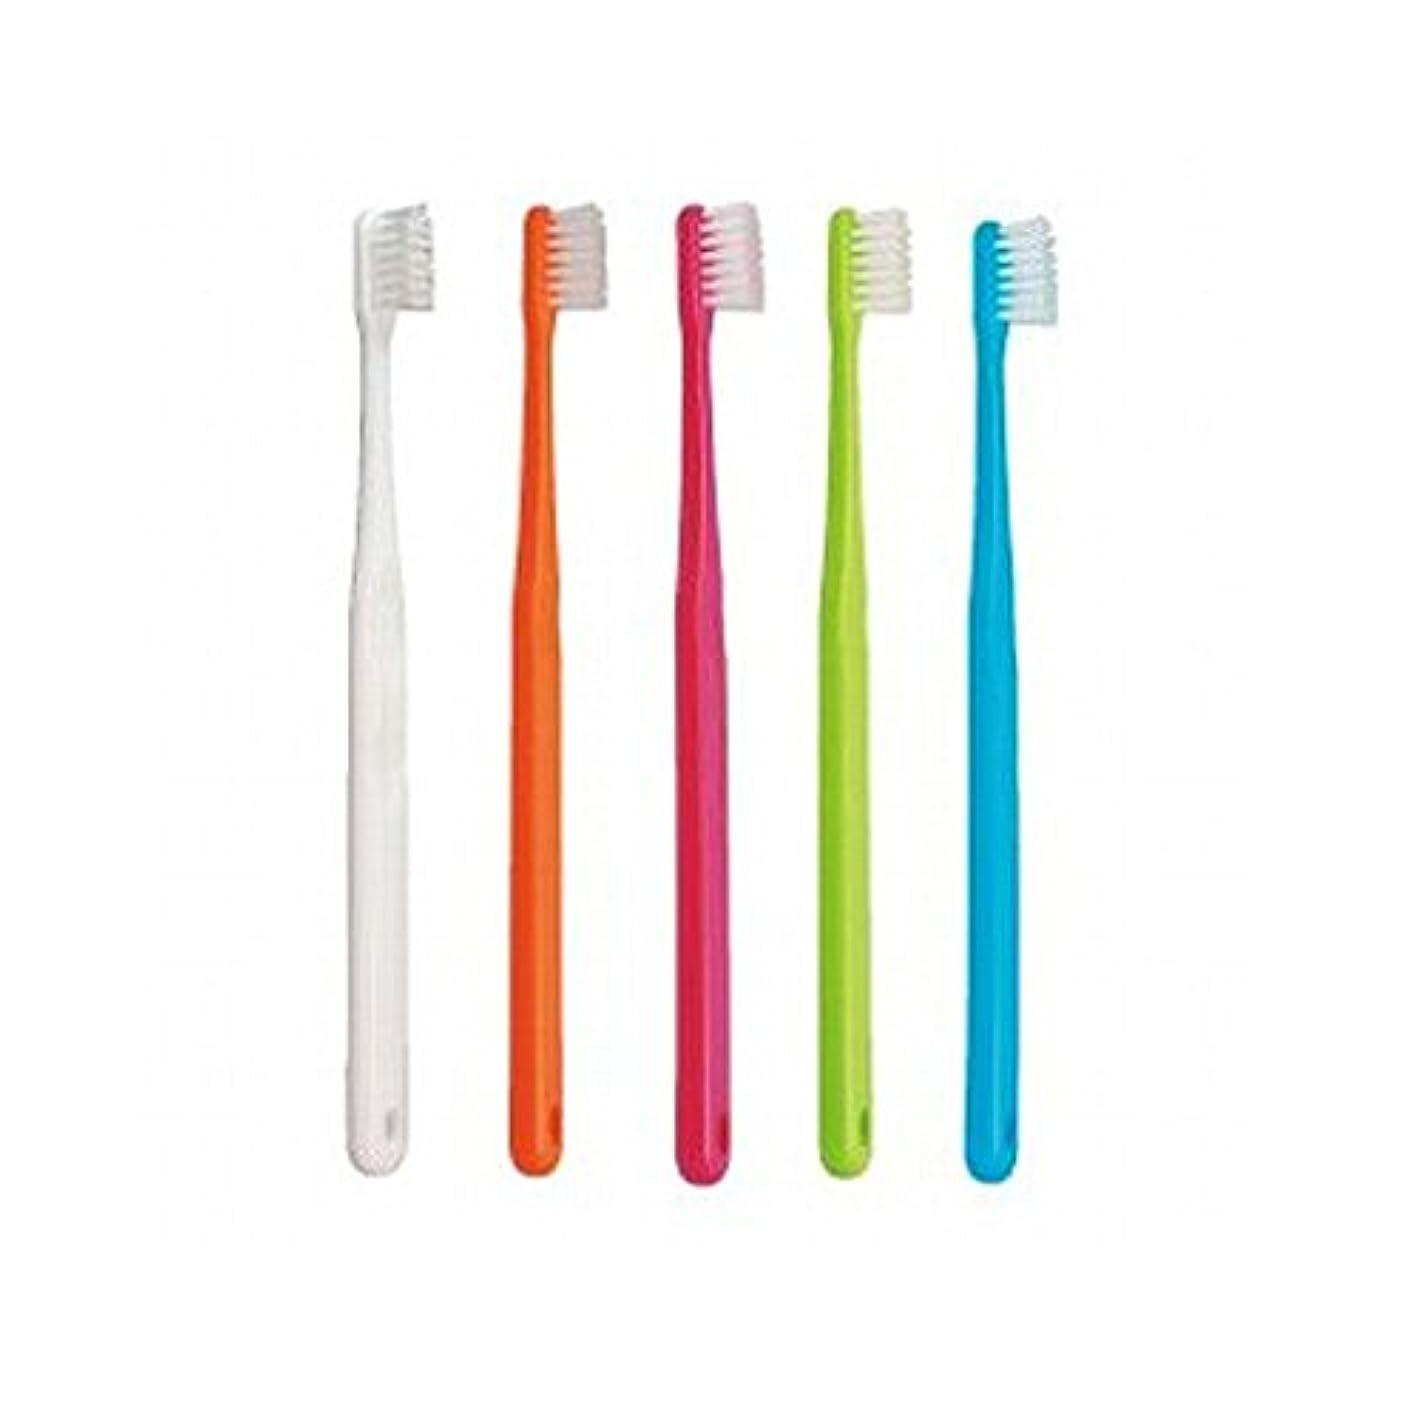 引き算代名詞ジェム【Ci/シーアイ】【歯科用】Ci703 25本【歯ブラシ】【やわらかめ】【極薄ヘッド】ハンドルカラー5色選択不可